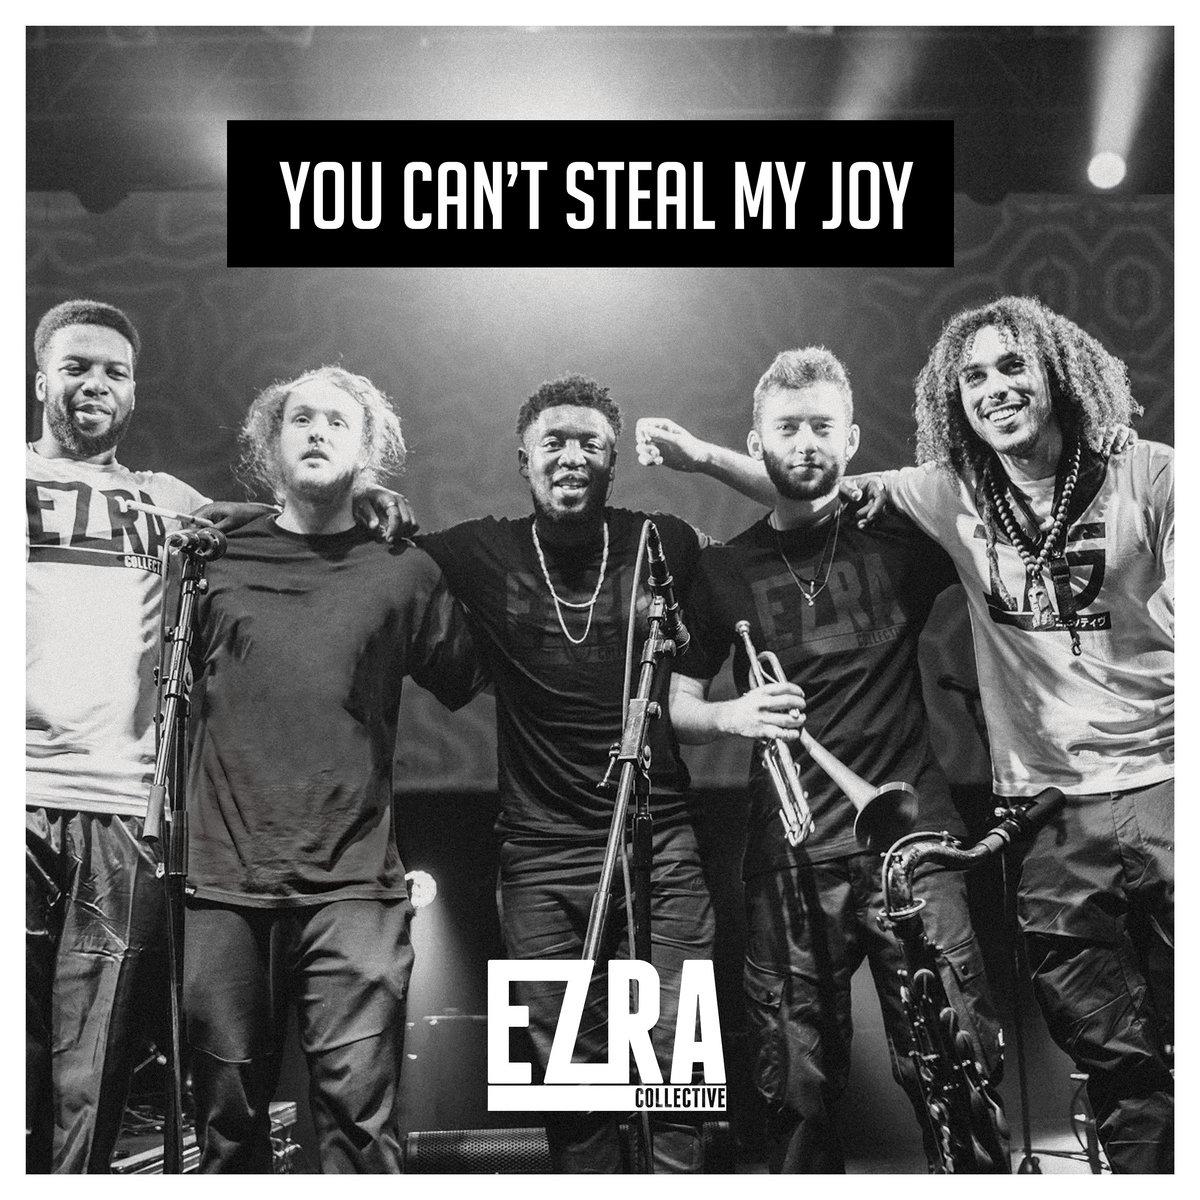 Resultado de imagen de ezra collective lp you can't steal my joy